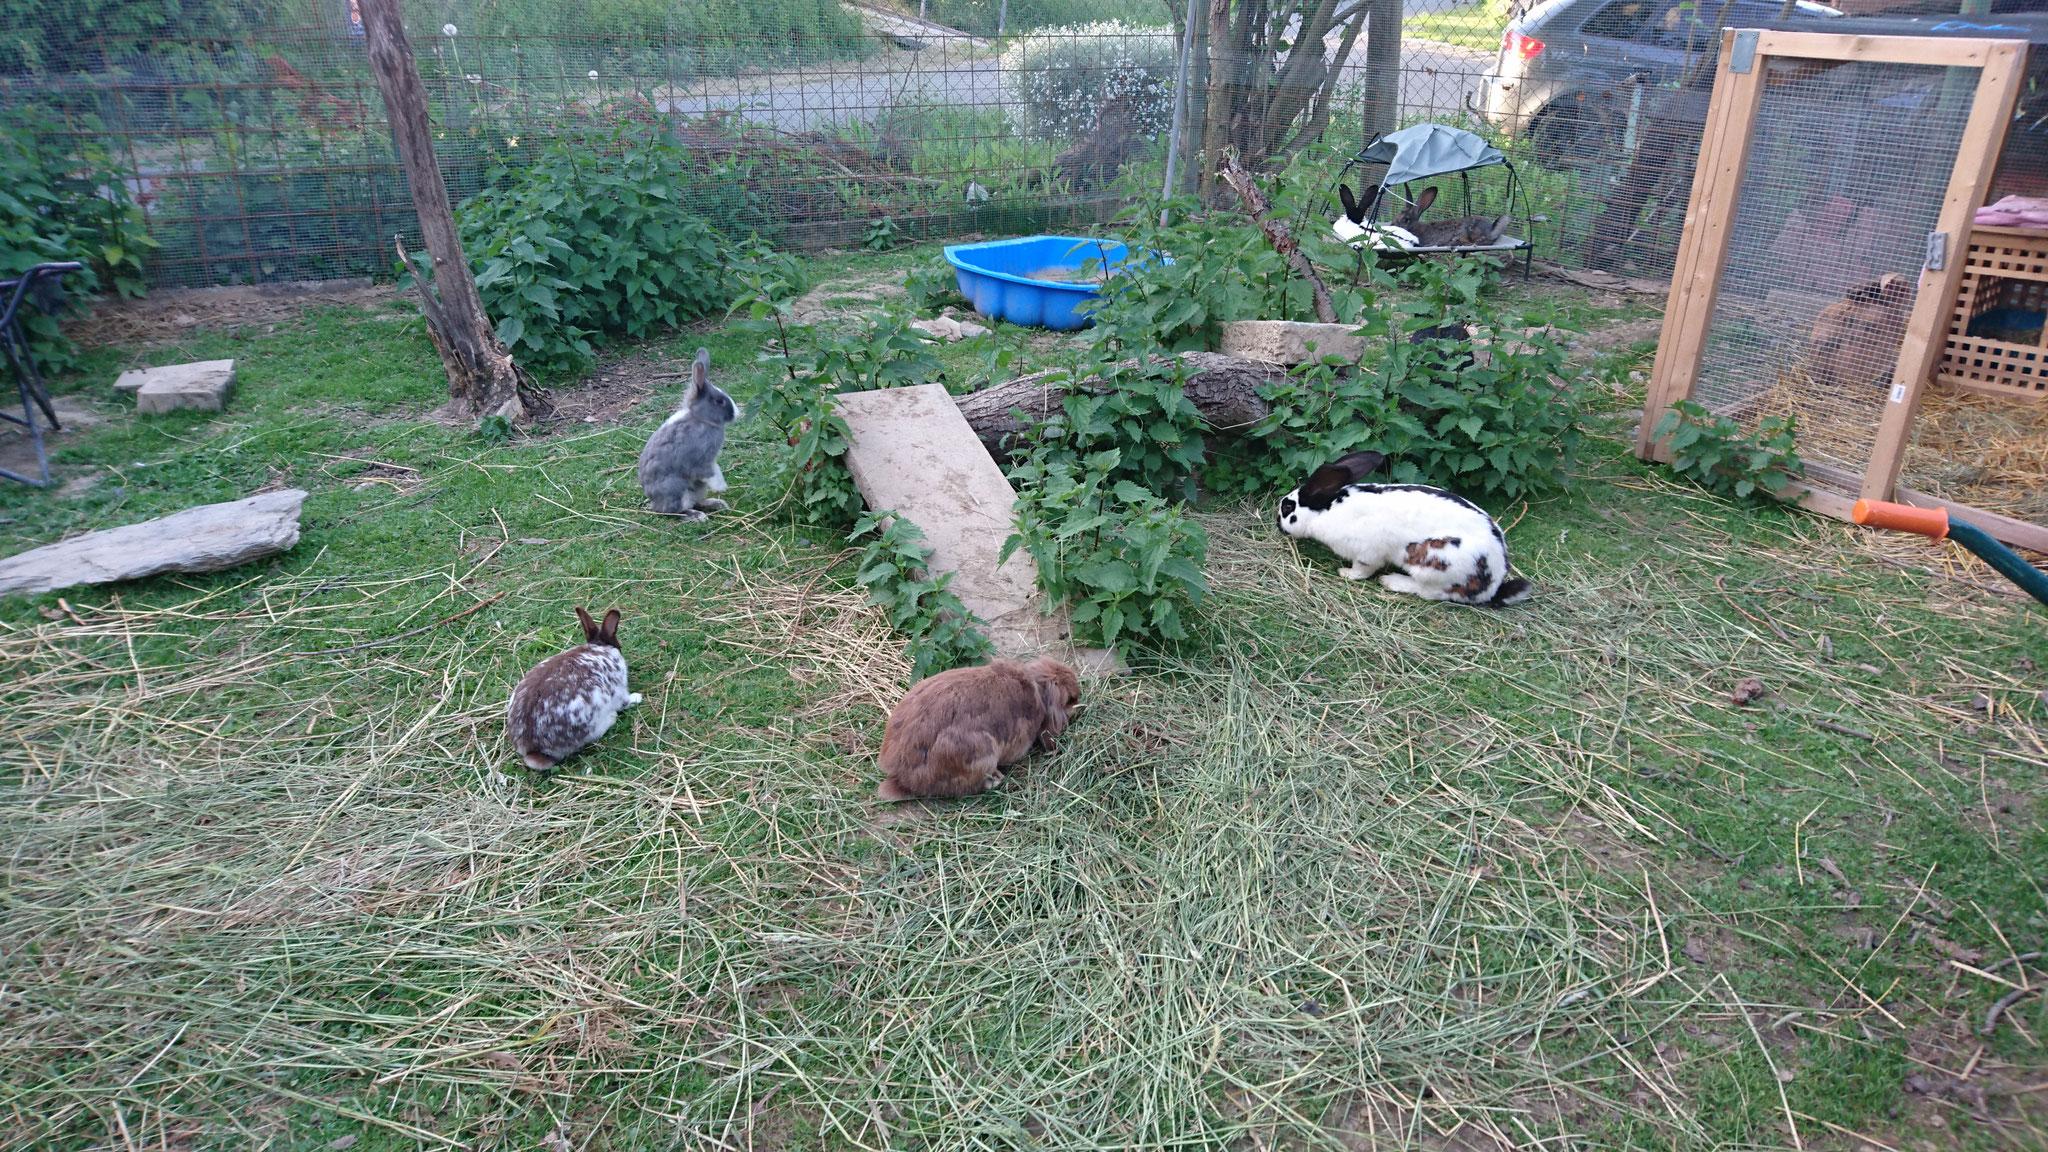 Ninas 100 m2  Aussengehege bietet Platz für viele Tiere